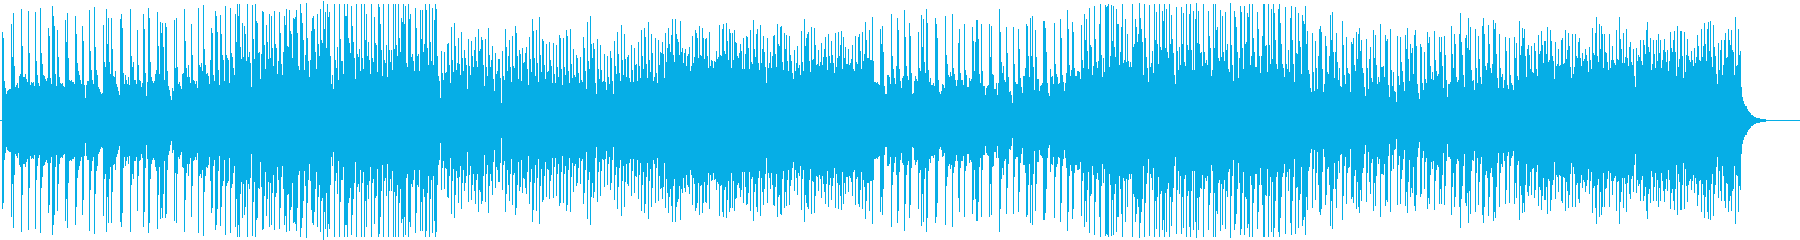 透き通るニュースや製品紹介エレクトロの再生済みの波形